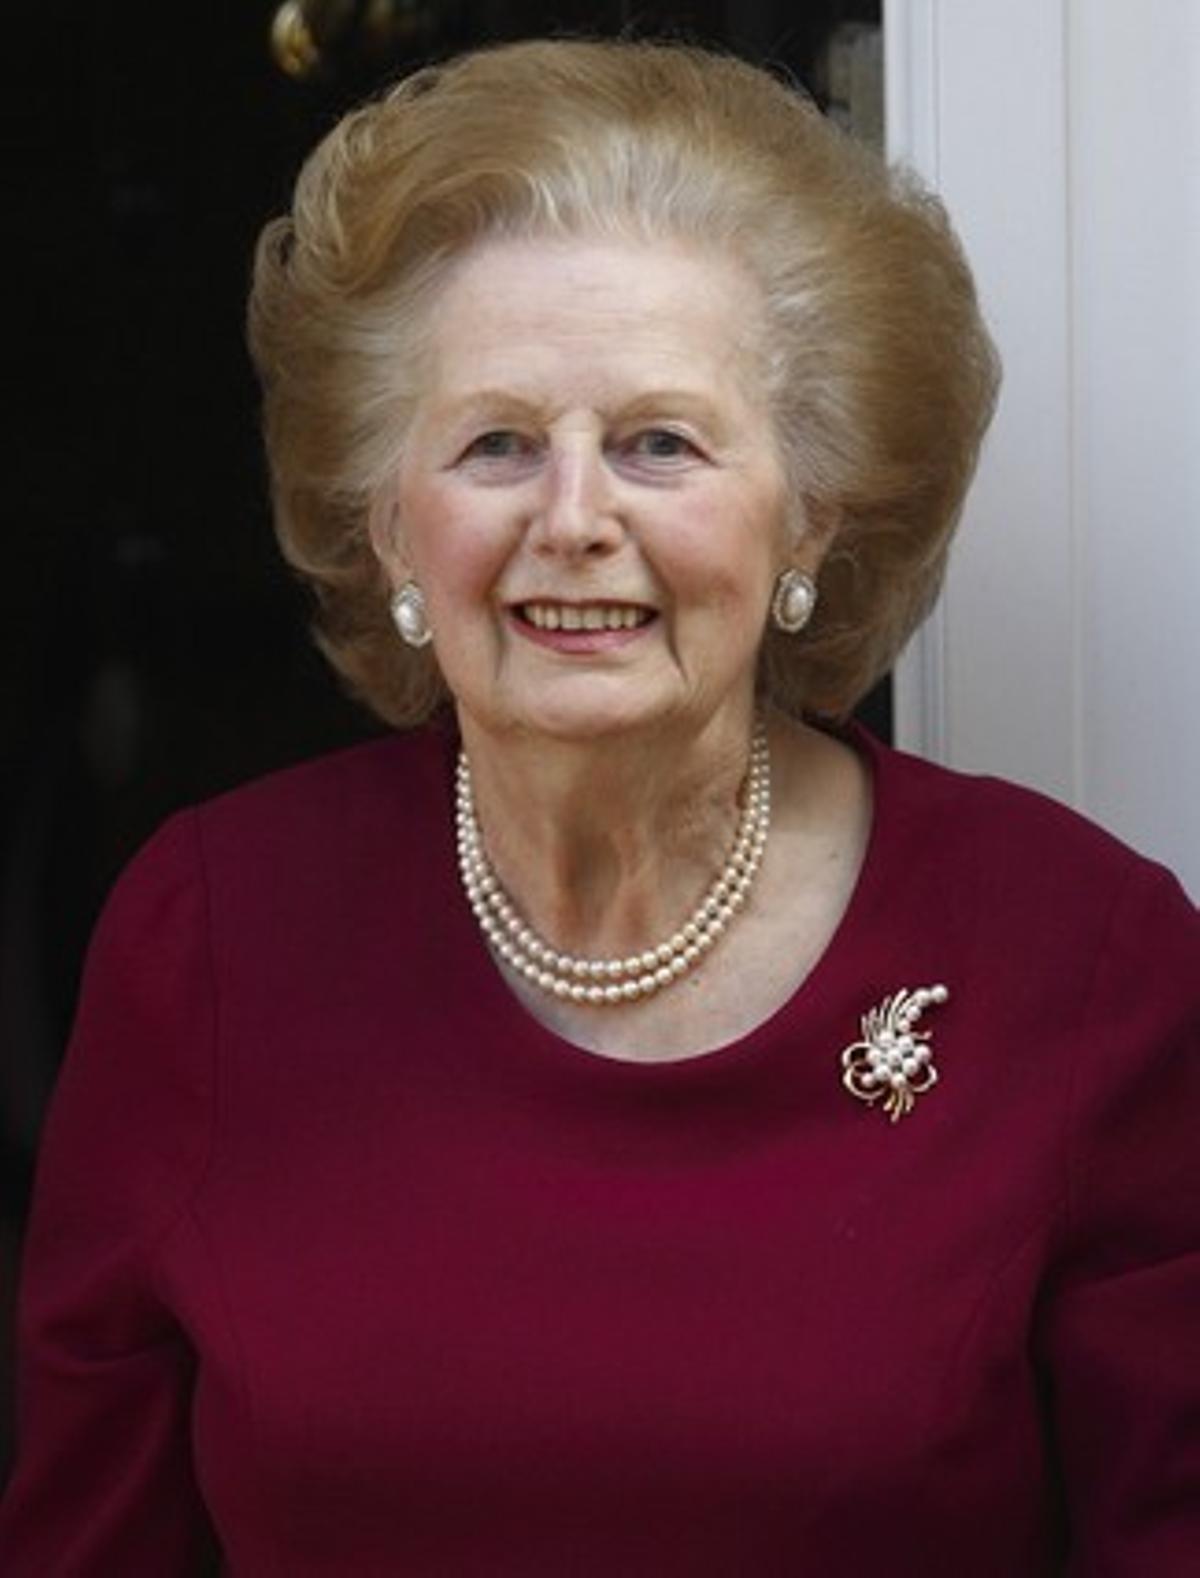 La ex primera británica Margaret Thatcher, en el 2010.